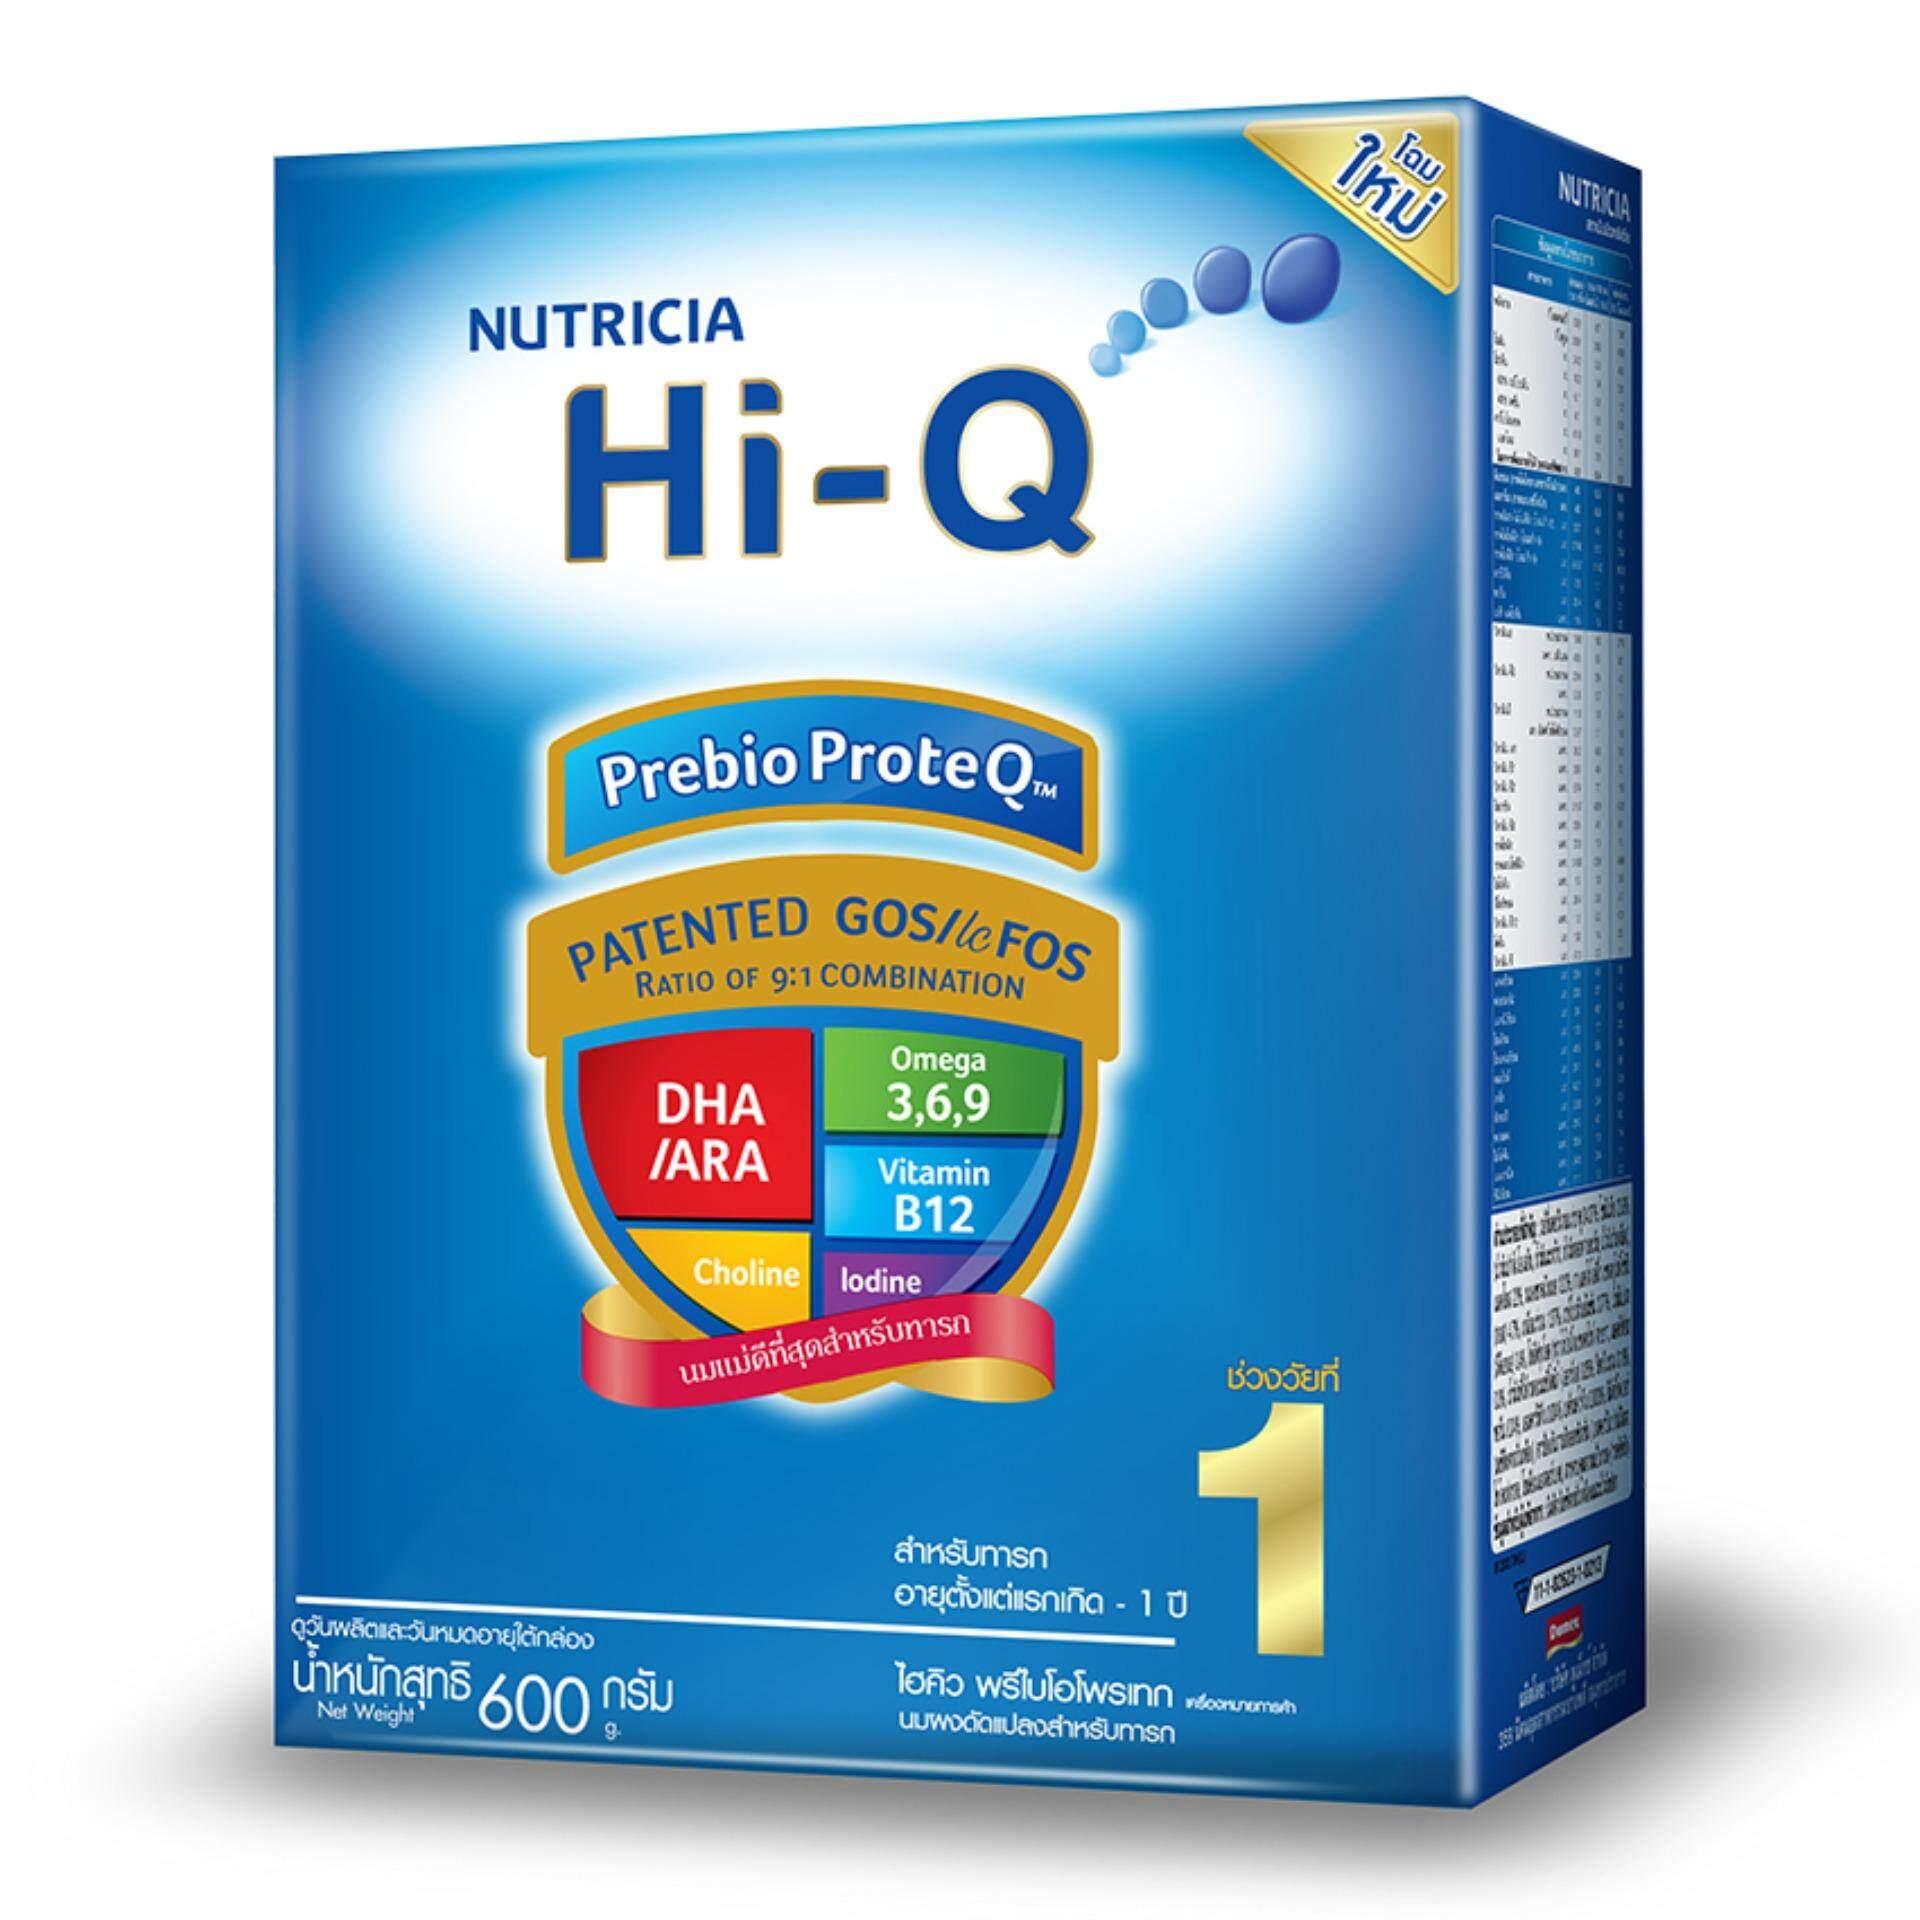 ซื้อที่ไหน HI-Q ไฮคิว นมผงสำหรับเด็ก ช่วงวัยที่ 1 พรีไบโอโบรเทก รสจืด 600 กรัม